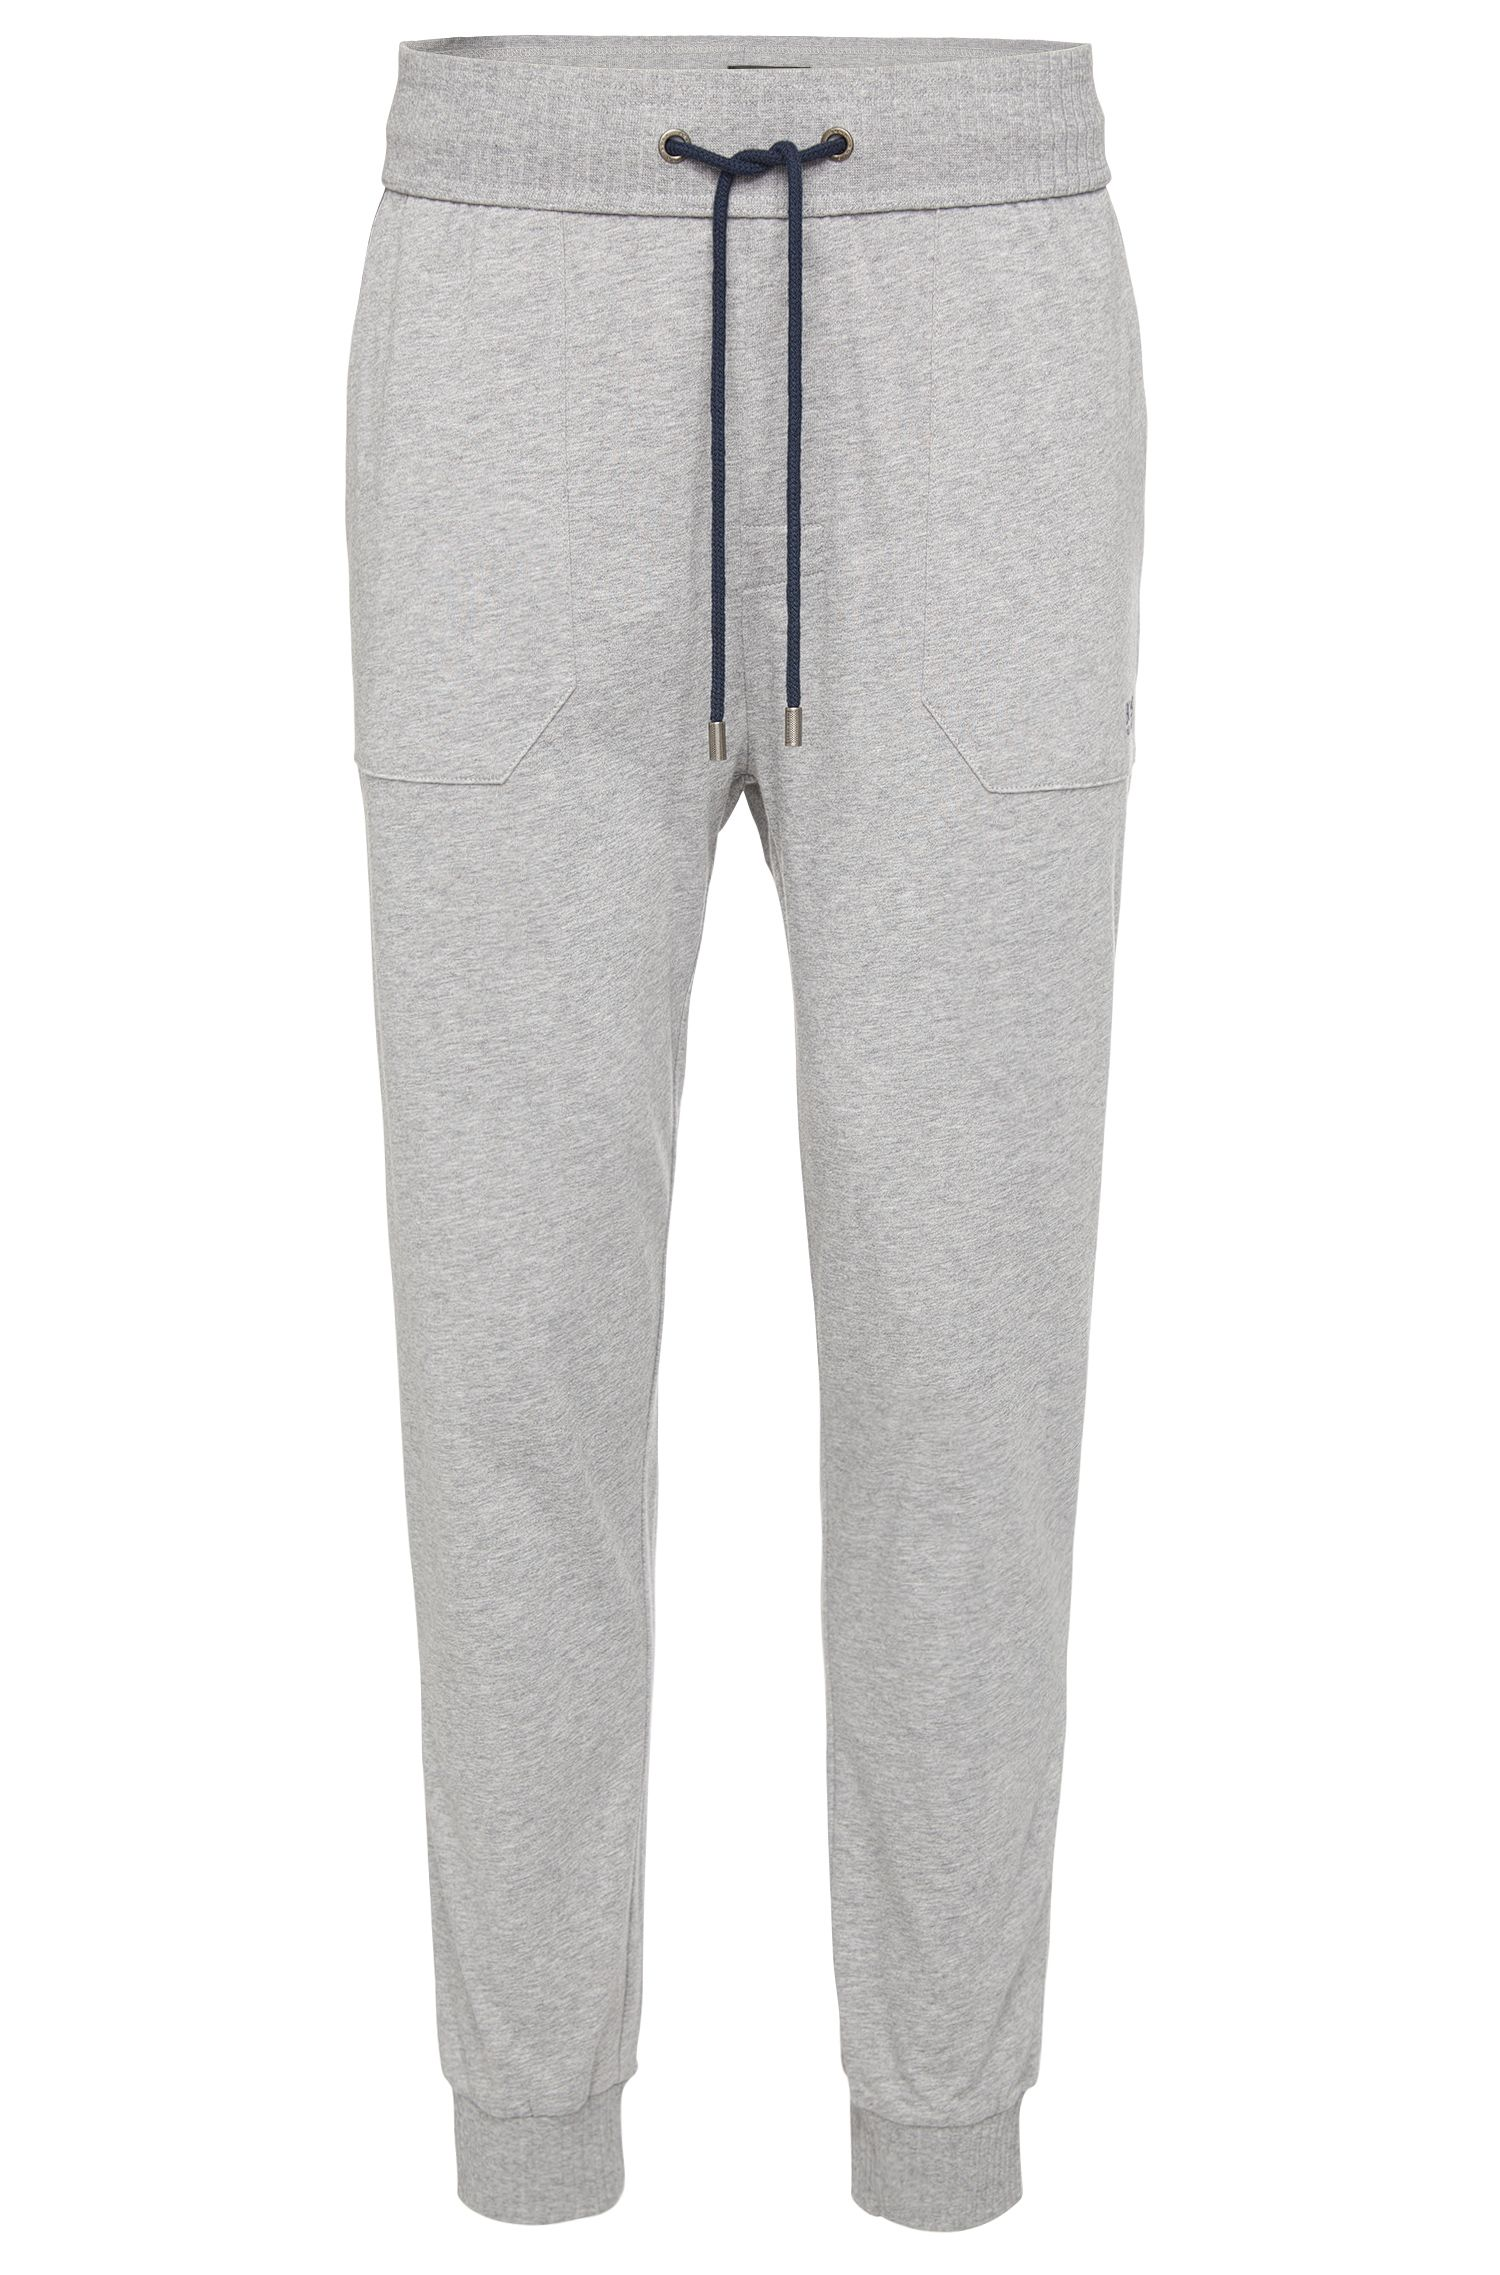 Pyjamabroek van katoen met tunnelkoord en elastische band: 'Long Pant Cuffs'